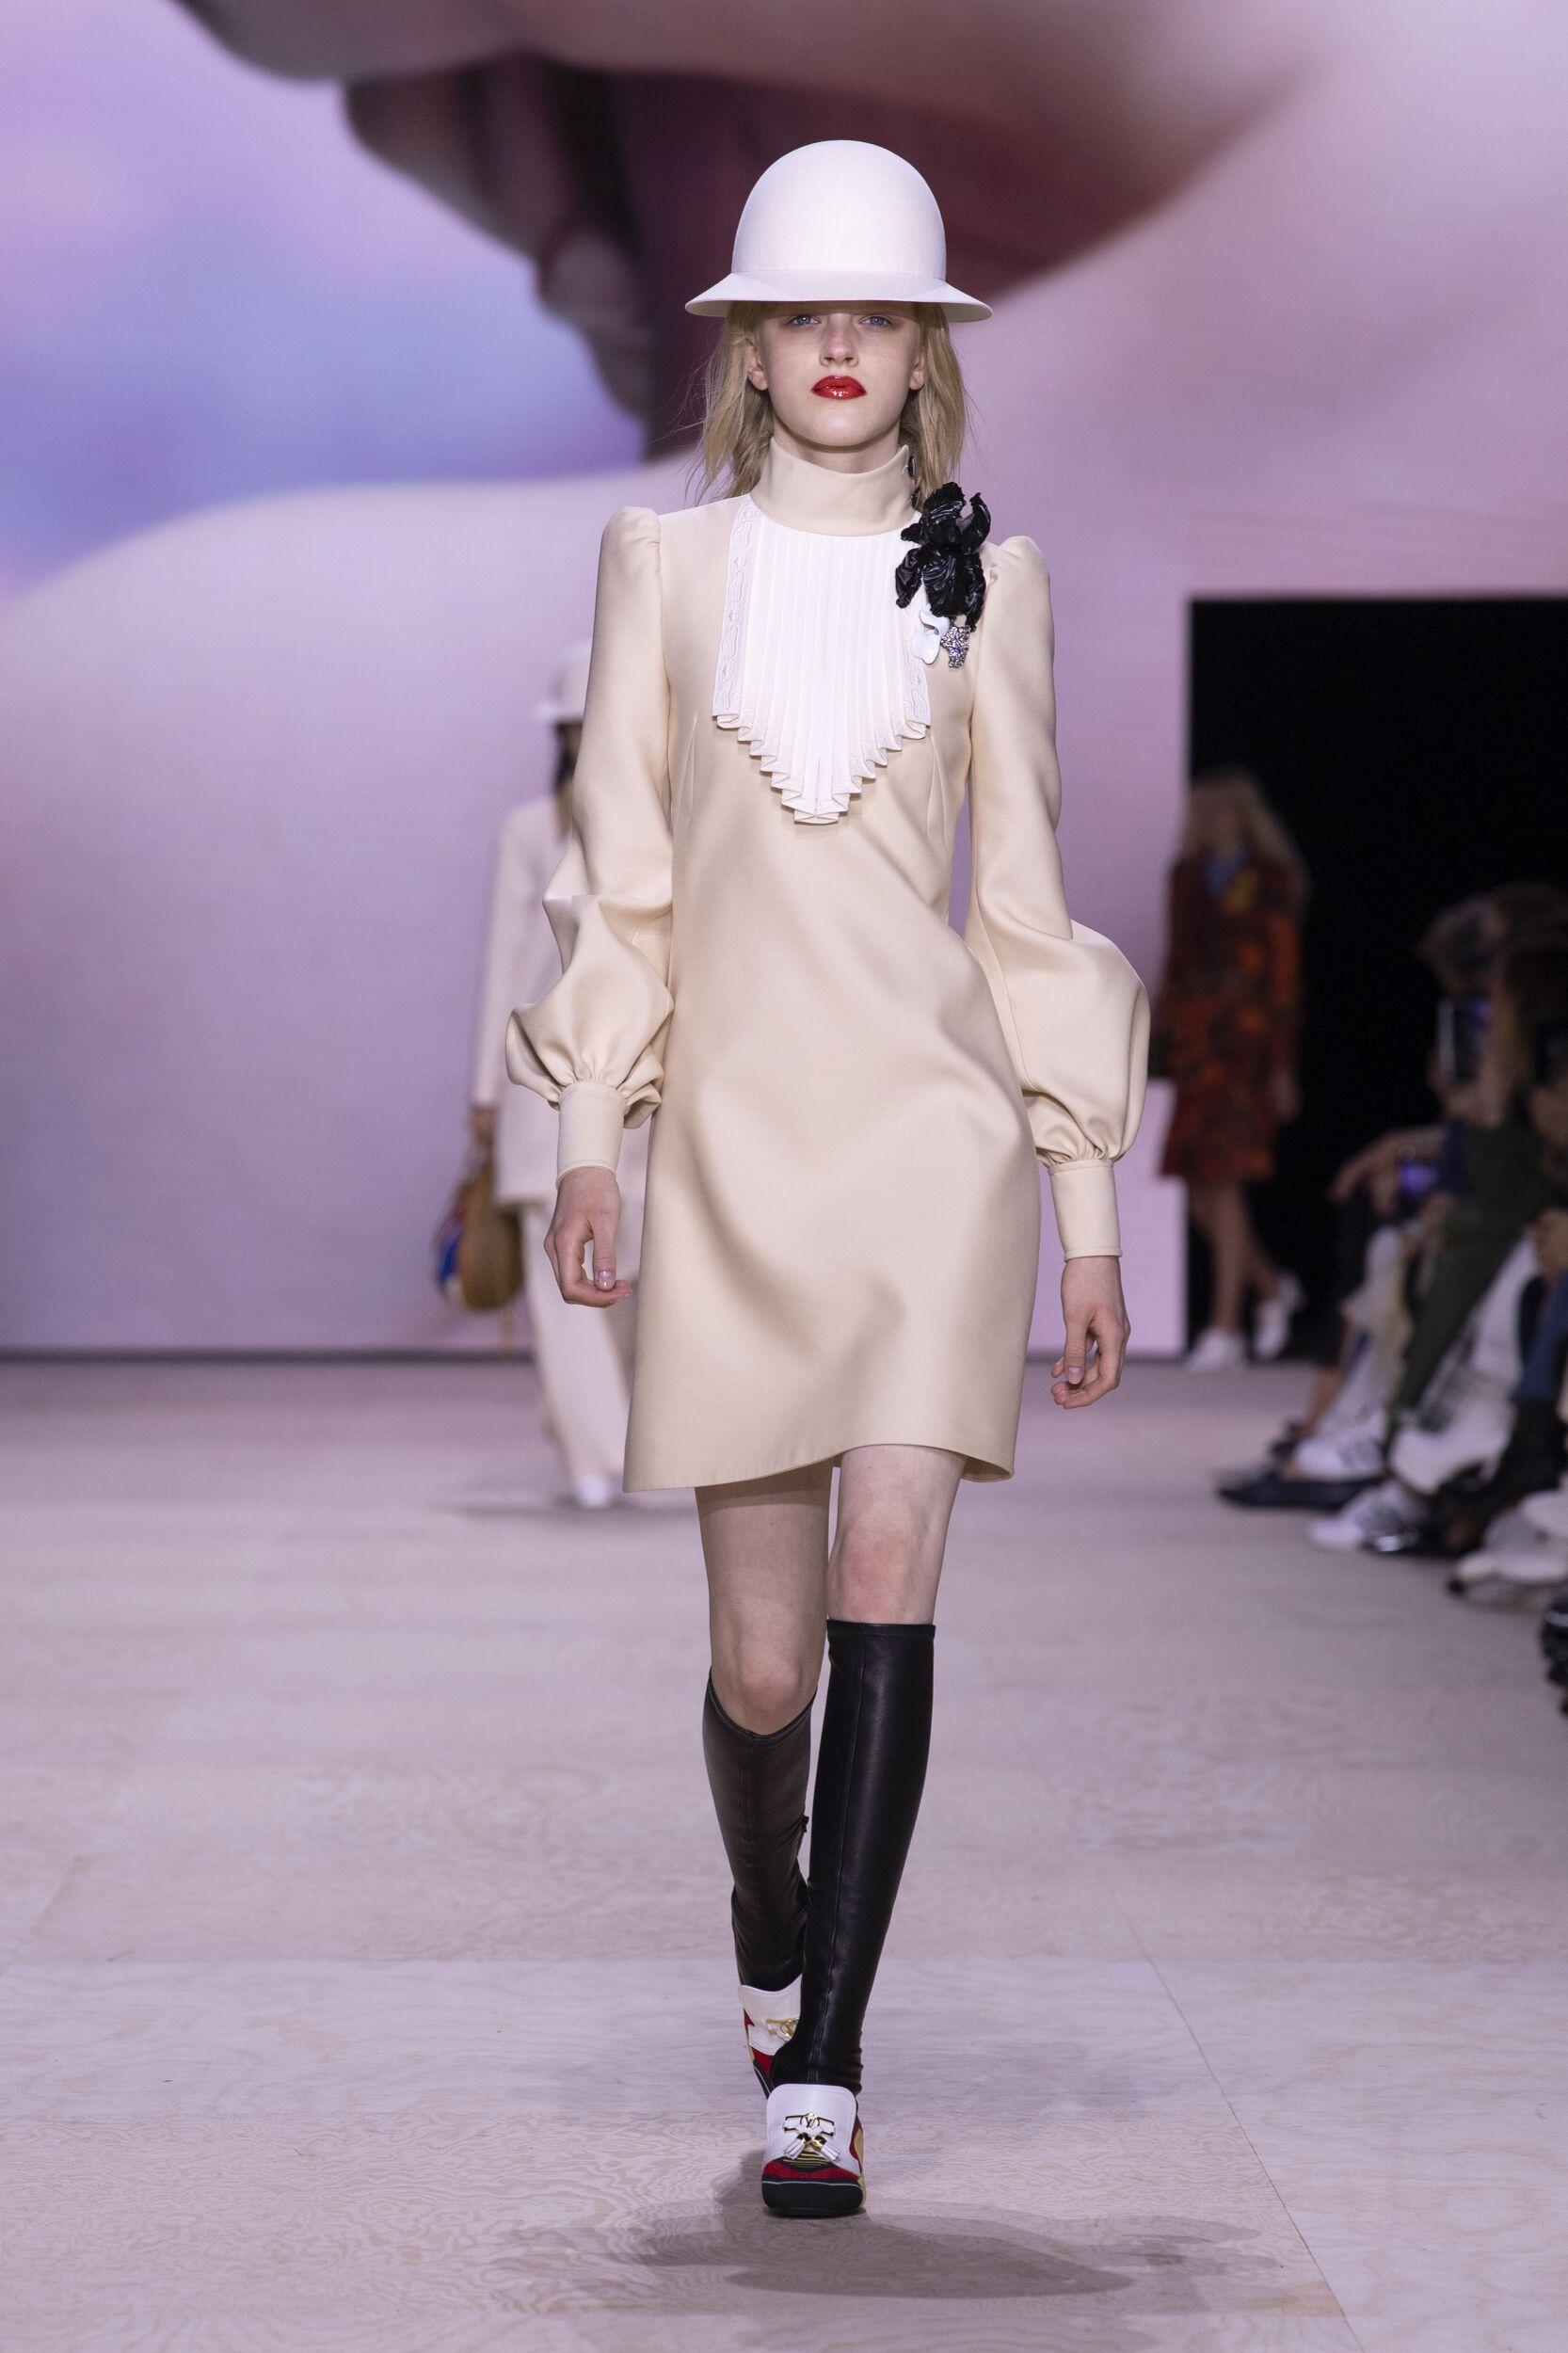 Louis Vuitton Woman Style